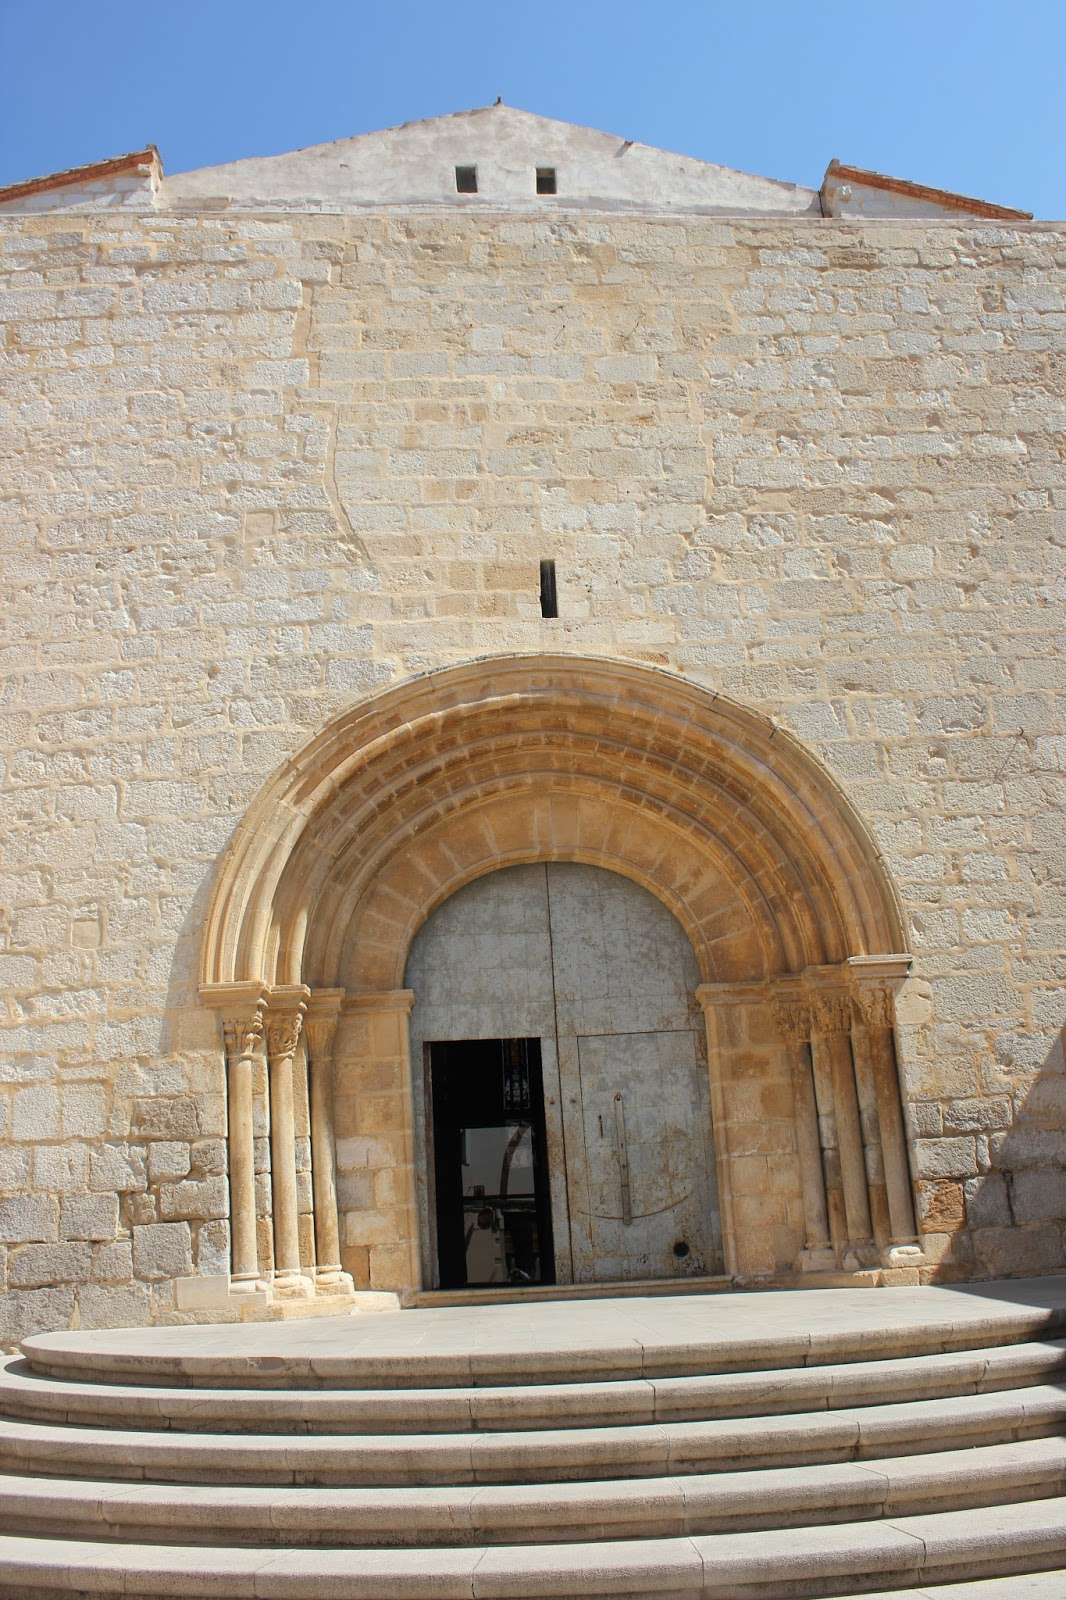 Maravillas ocultas de espa a villas de castell n san for 5 principales villas ocultas